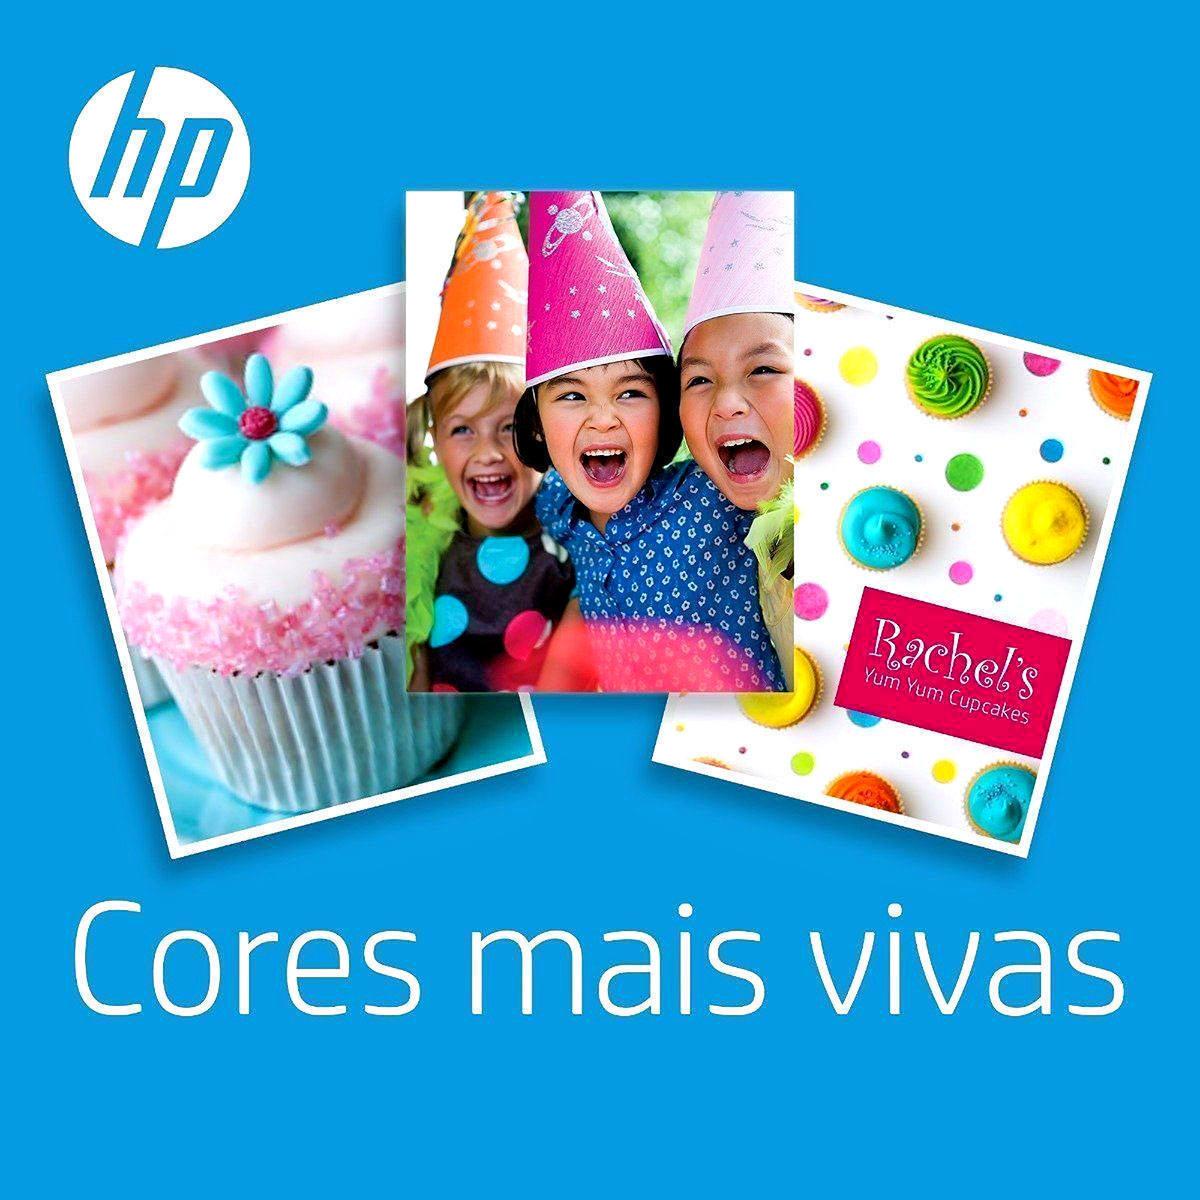 Cartucho de Tinta HP 901 Preto CC653AB CC653AL para HP Officejet J4660 J4524 J4550 J4580 J4680 G510a Original 4,5ml